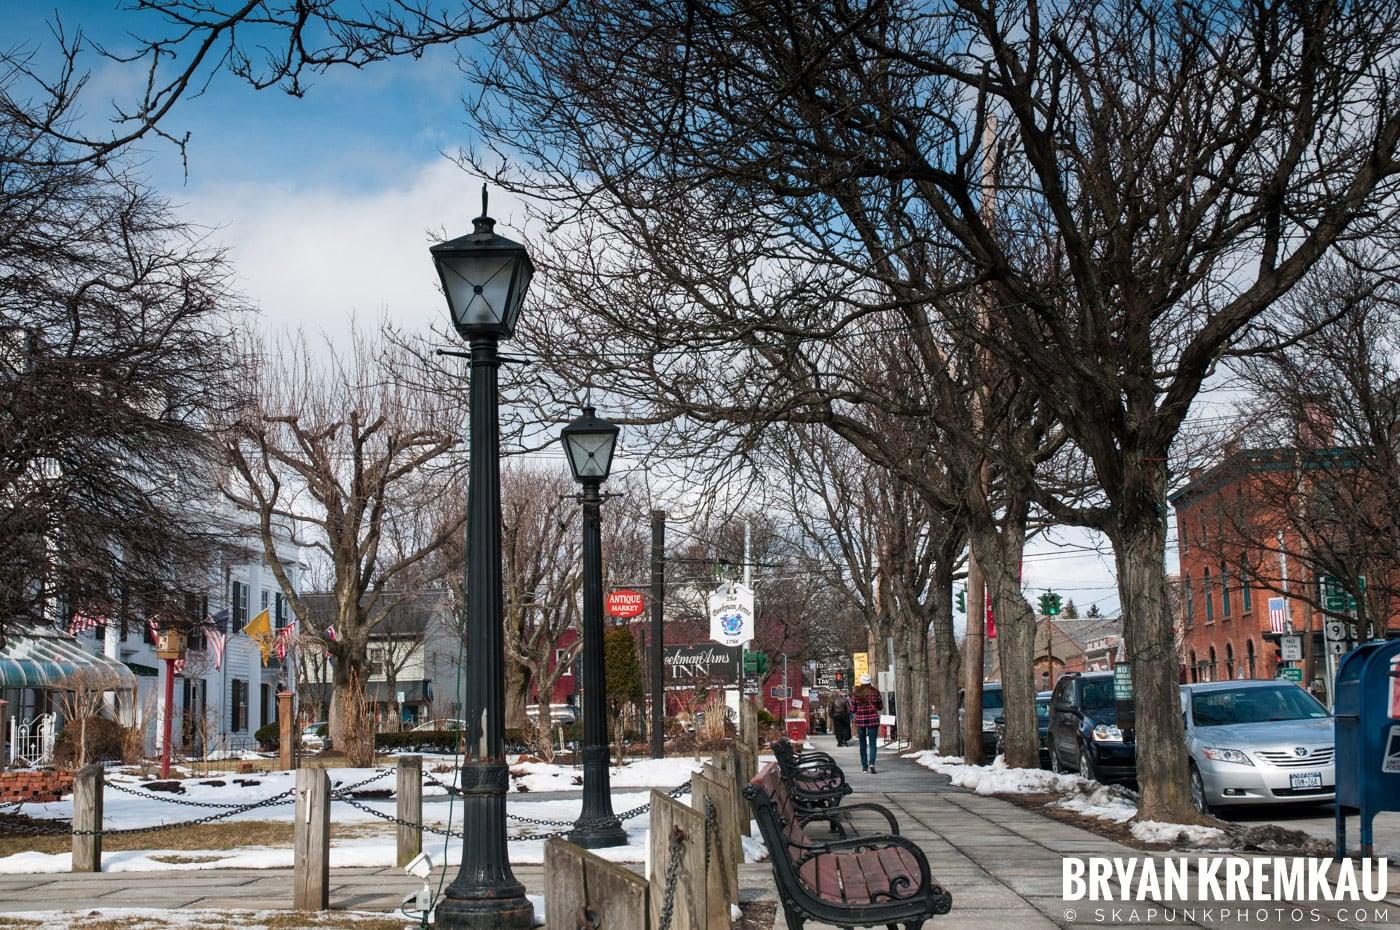 Valentine's Day Trip @ Rhinebeck, FDR's Home, Vanderbilt, Wilderstein Historic Site, NY - 2.14.10 (69)